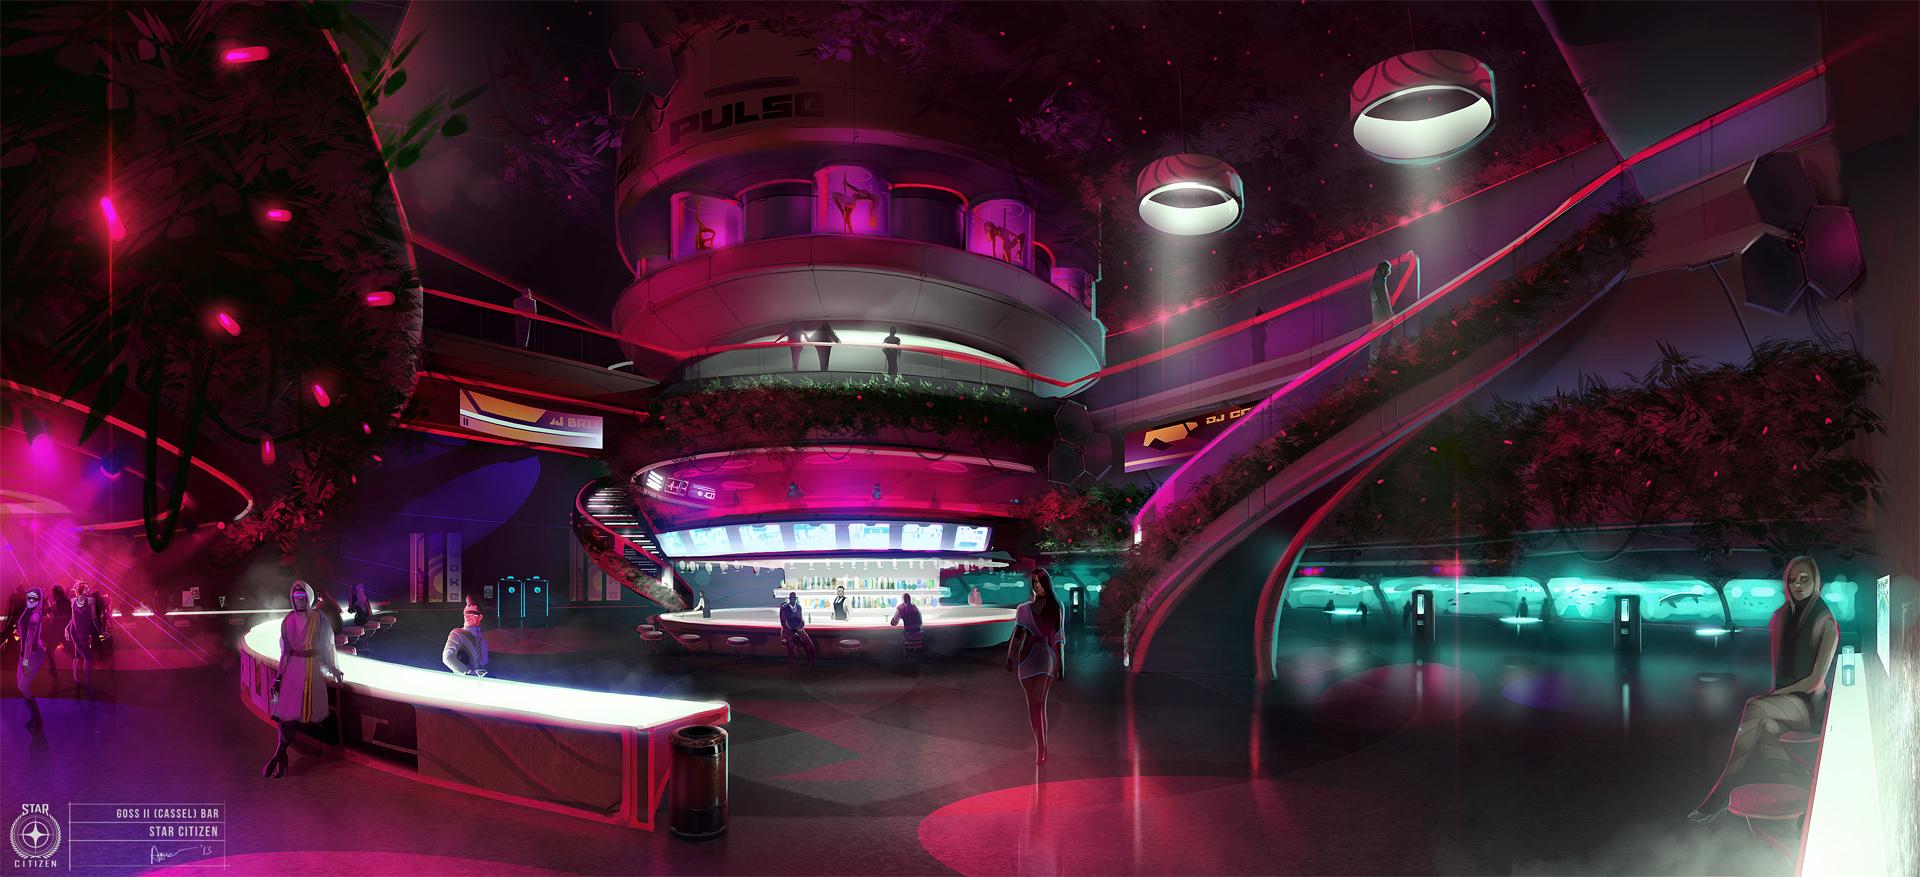 Sci-Fi_Nightclub.jpg